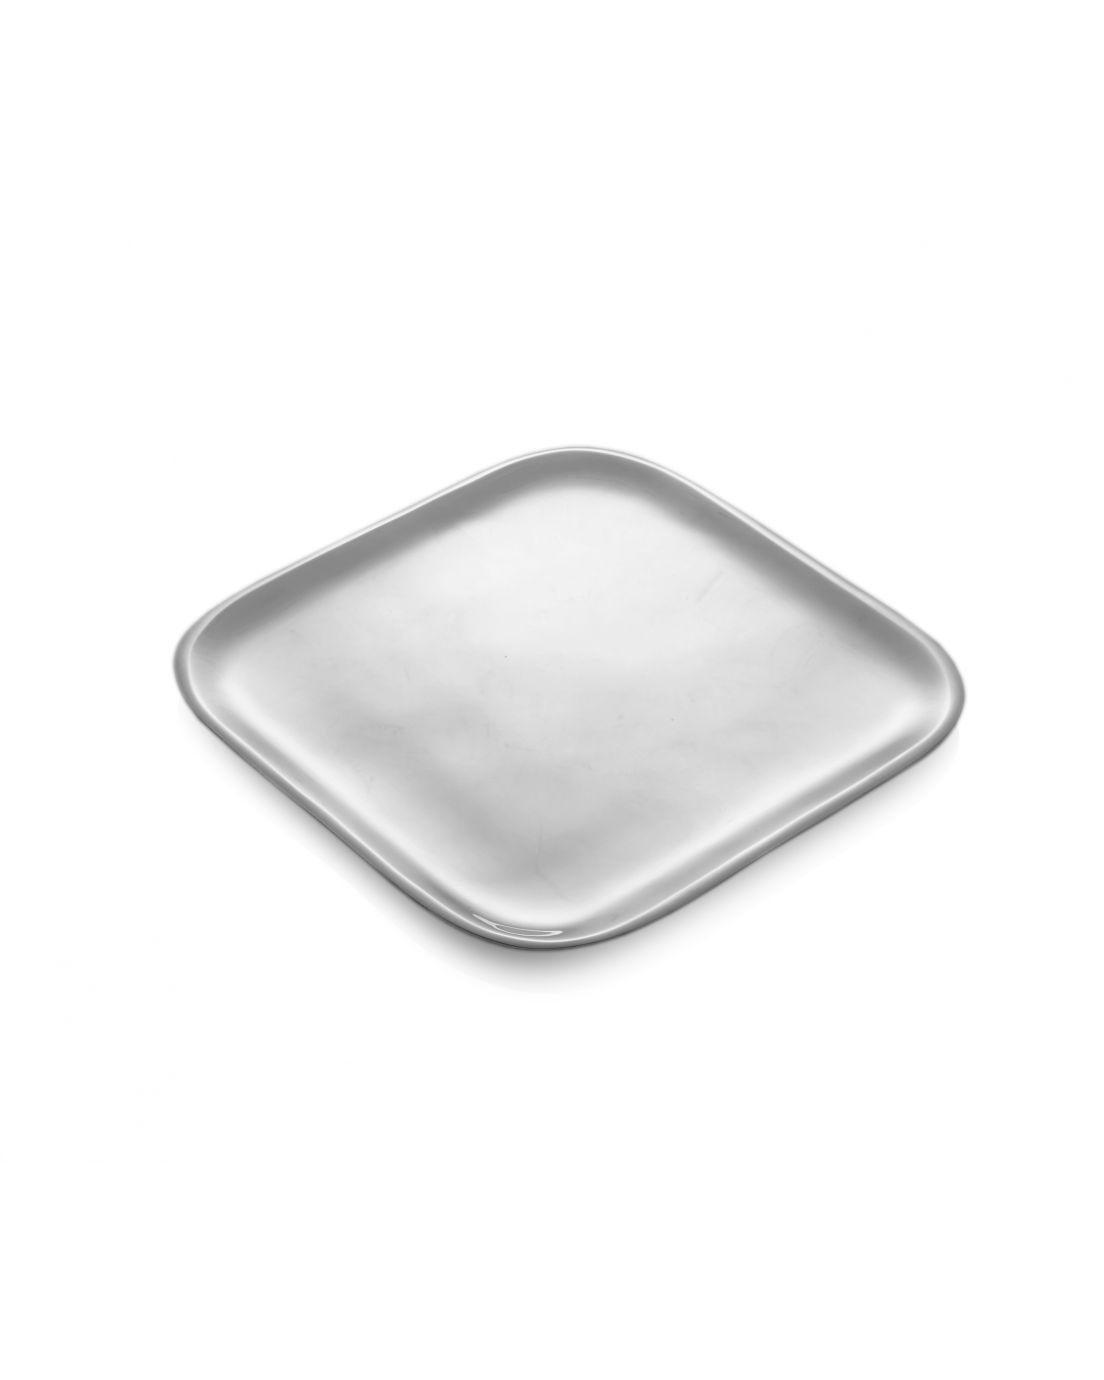 Square Service Plate